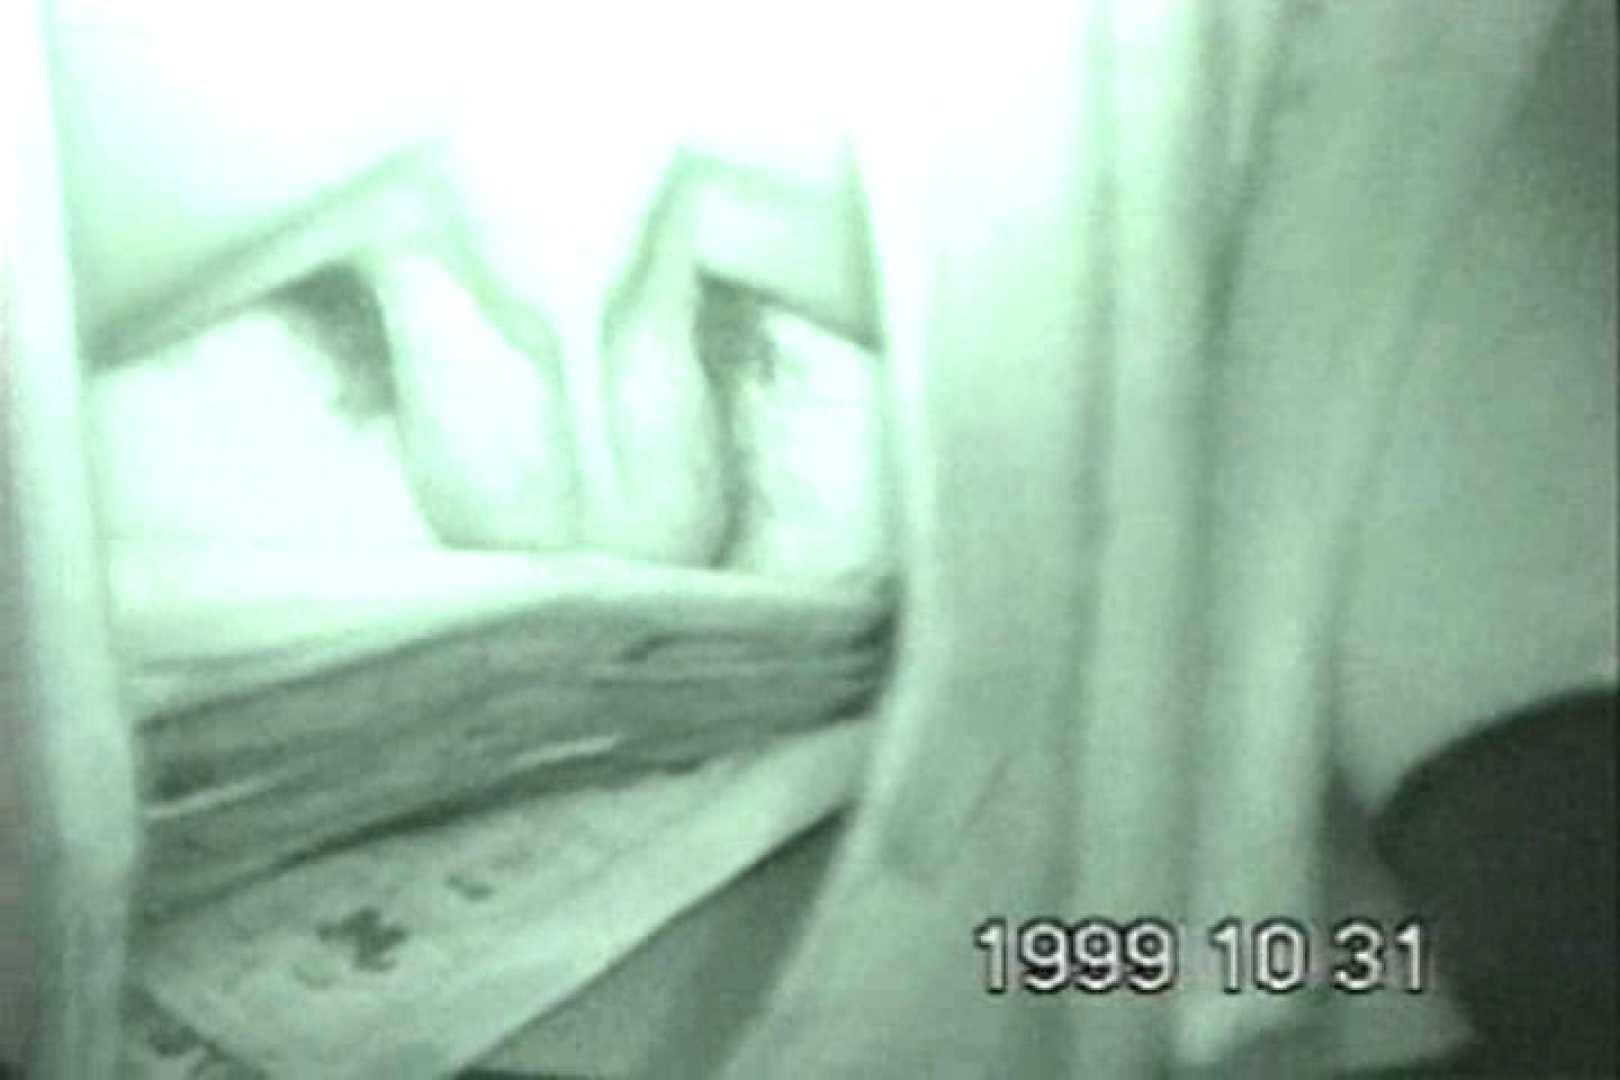 蔵出し!!赤外線カーセックスVol.6 セックス流出映像 盗撮動画紹介 108連発 100